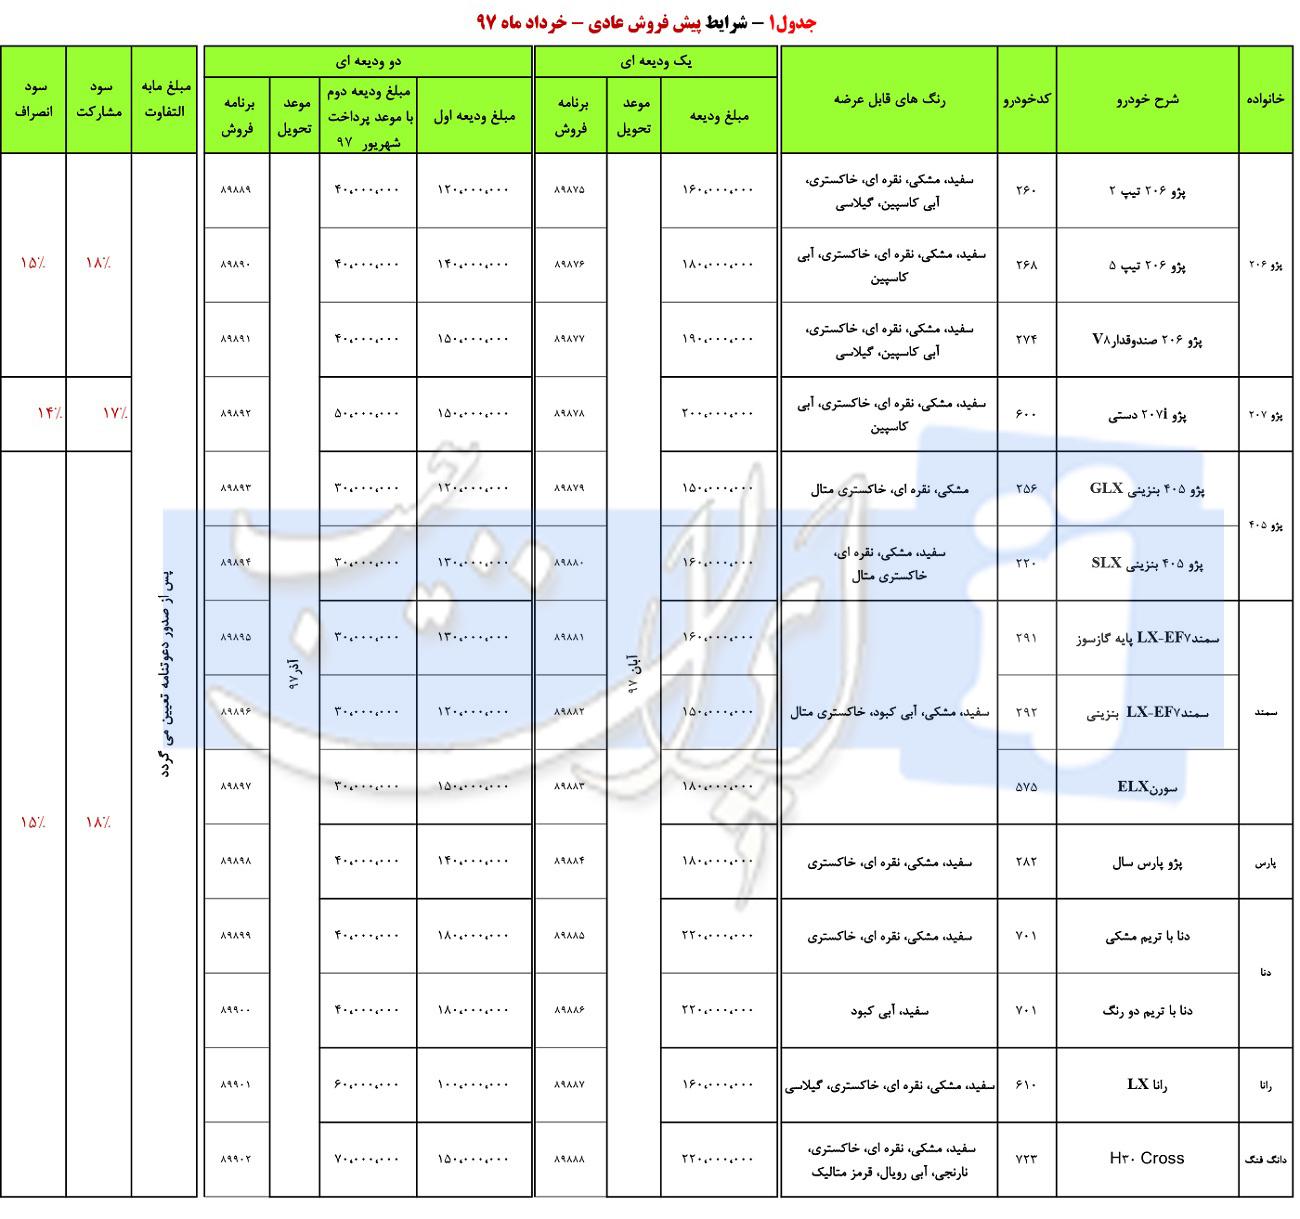 طرح جدید پیش فروش محصولات ایران خودرو با موعد تحویل آبان 97